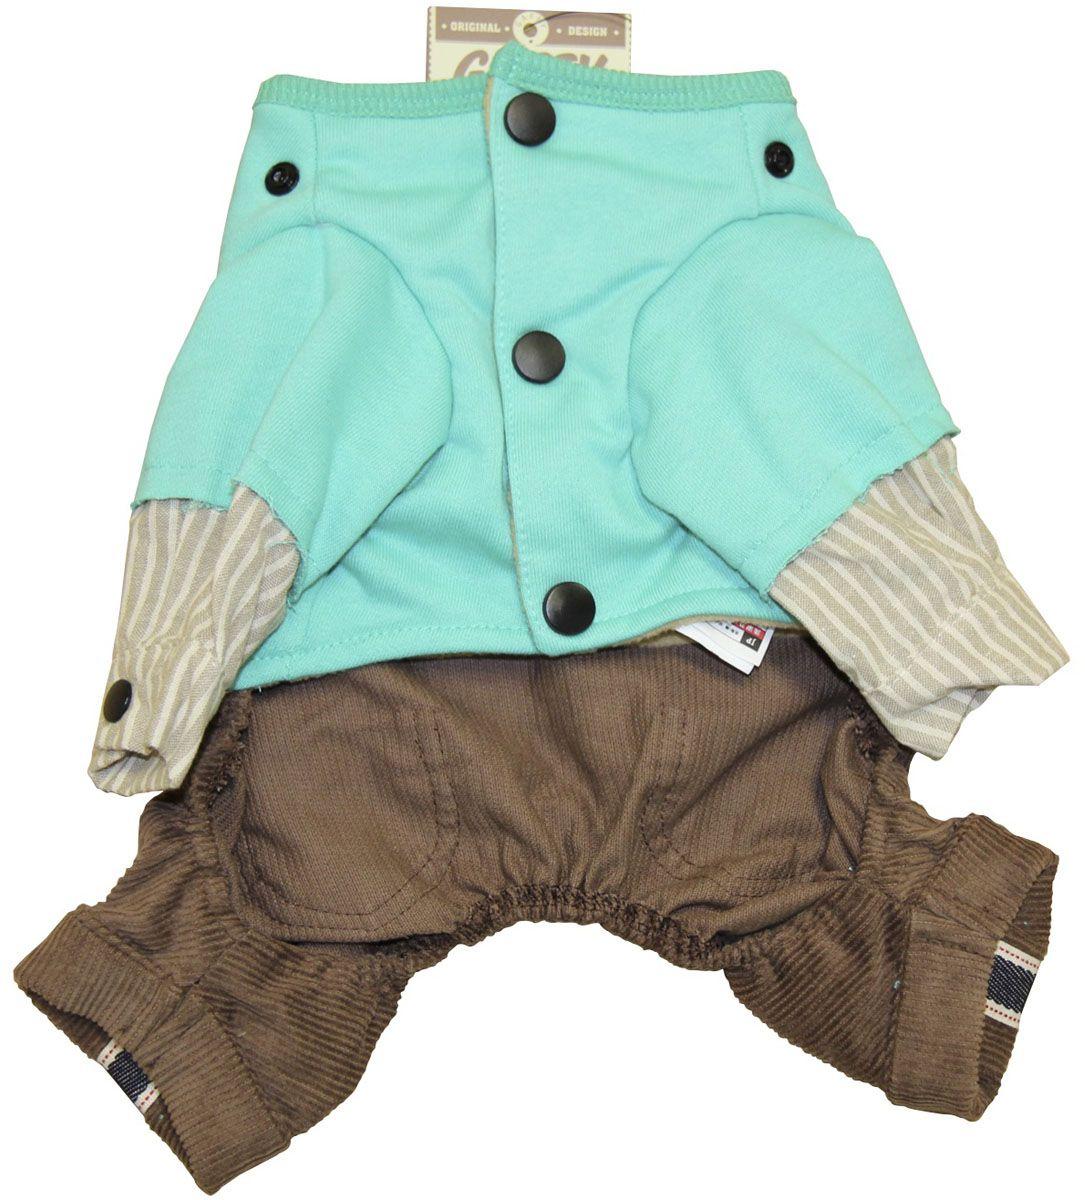 Костюм для собак Gaffy Pet U.S. Navy. Размер S11005 SВыполнен в морском стиле. Актуальное сочетание цветов и фактур. Модная полоска в дизайне рубашки. Стильный рисунок, тематика посвящена ВМФ США.Рукава можно подвернуть и зафиксировать кнопками. Тщательно продуманный дизайн. Цельный костюм состоит из 3х частей: коричневые джинсы, серая рубашка в полоску, зеленая толстовка.Фиксируется на животе кнопками. Материал кнопок: металлОбхват шеи, см: 21.Обхват груди, см: 40.Длина спины, см: 26.